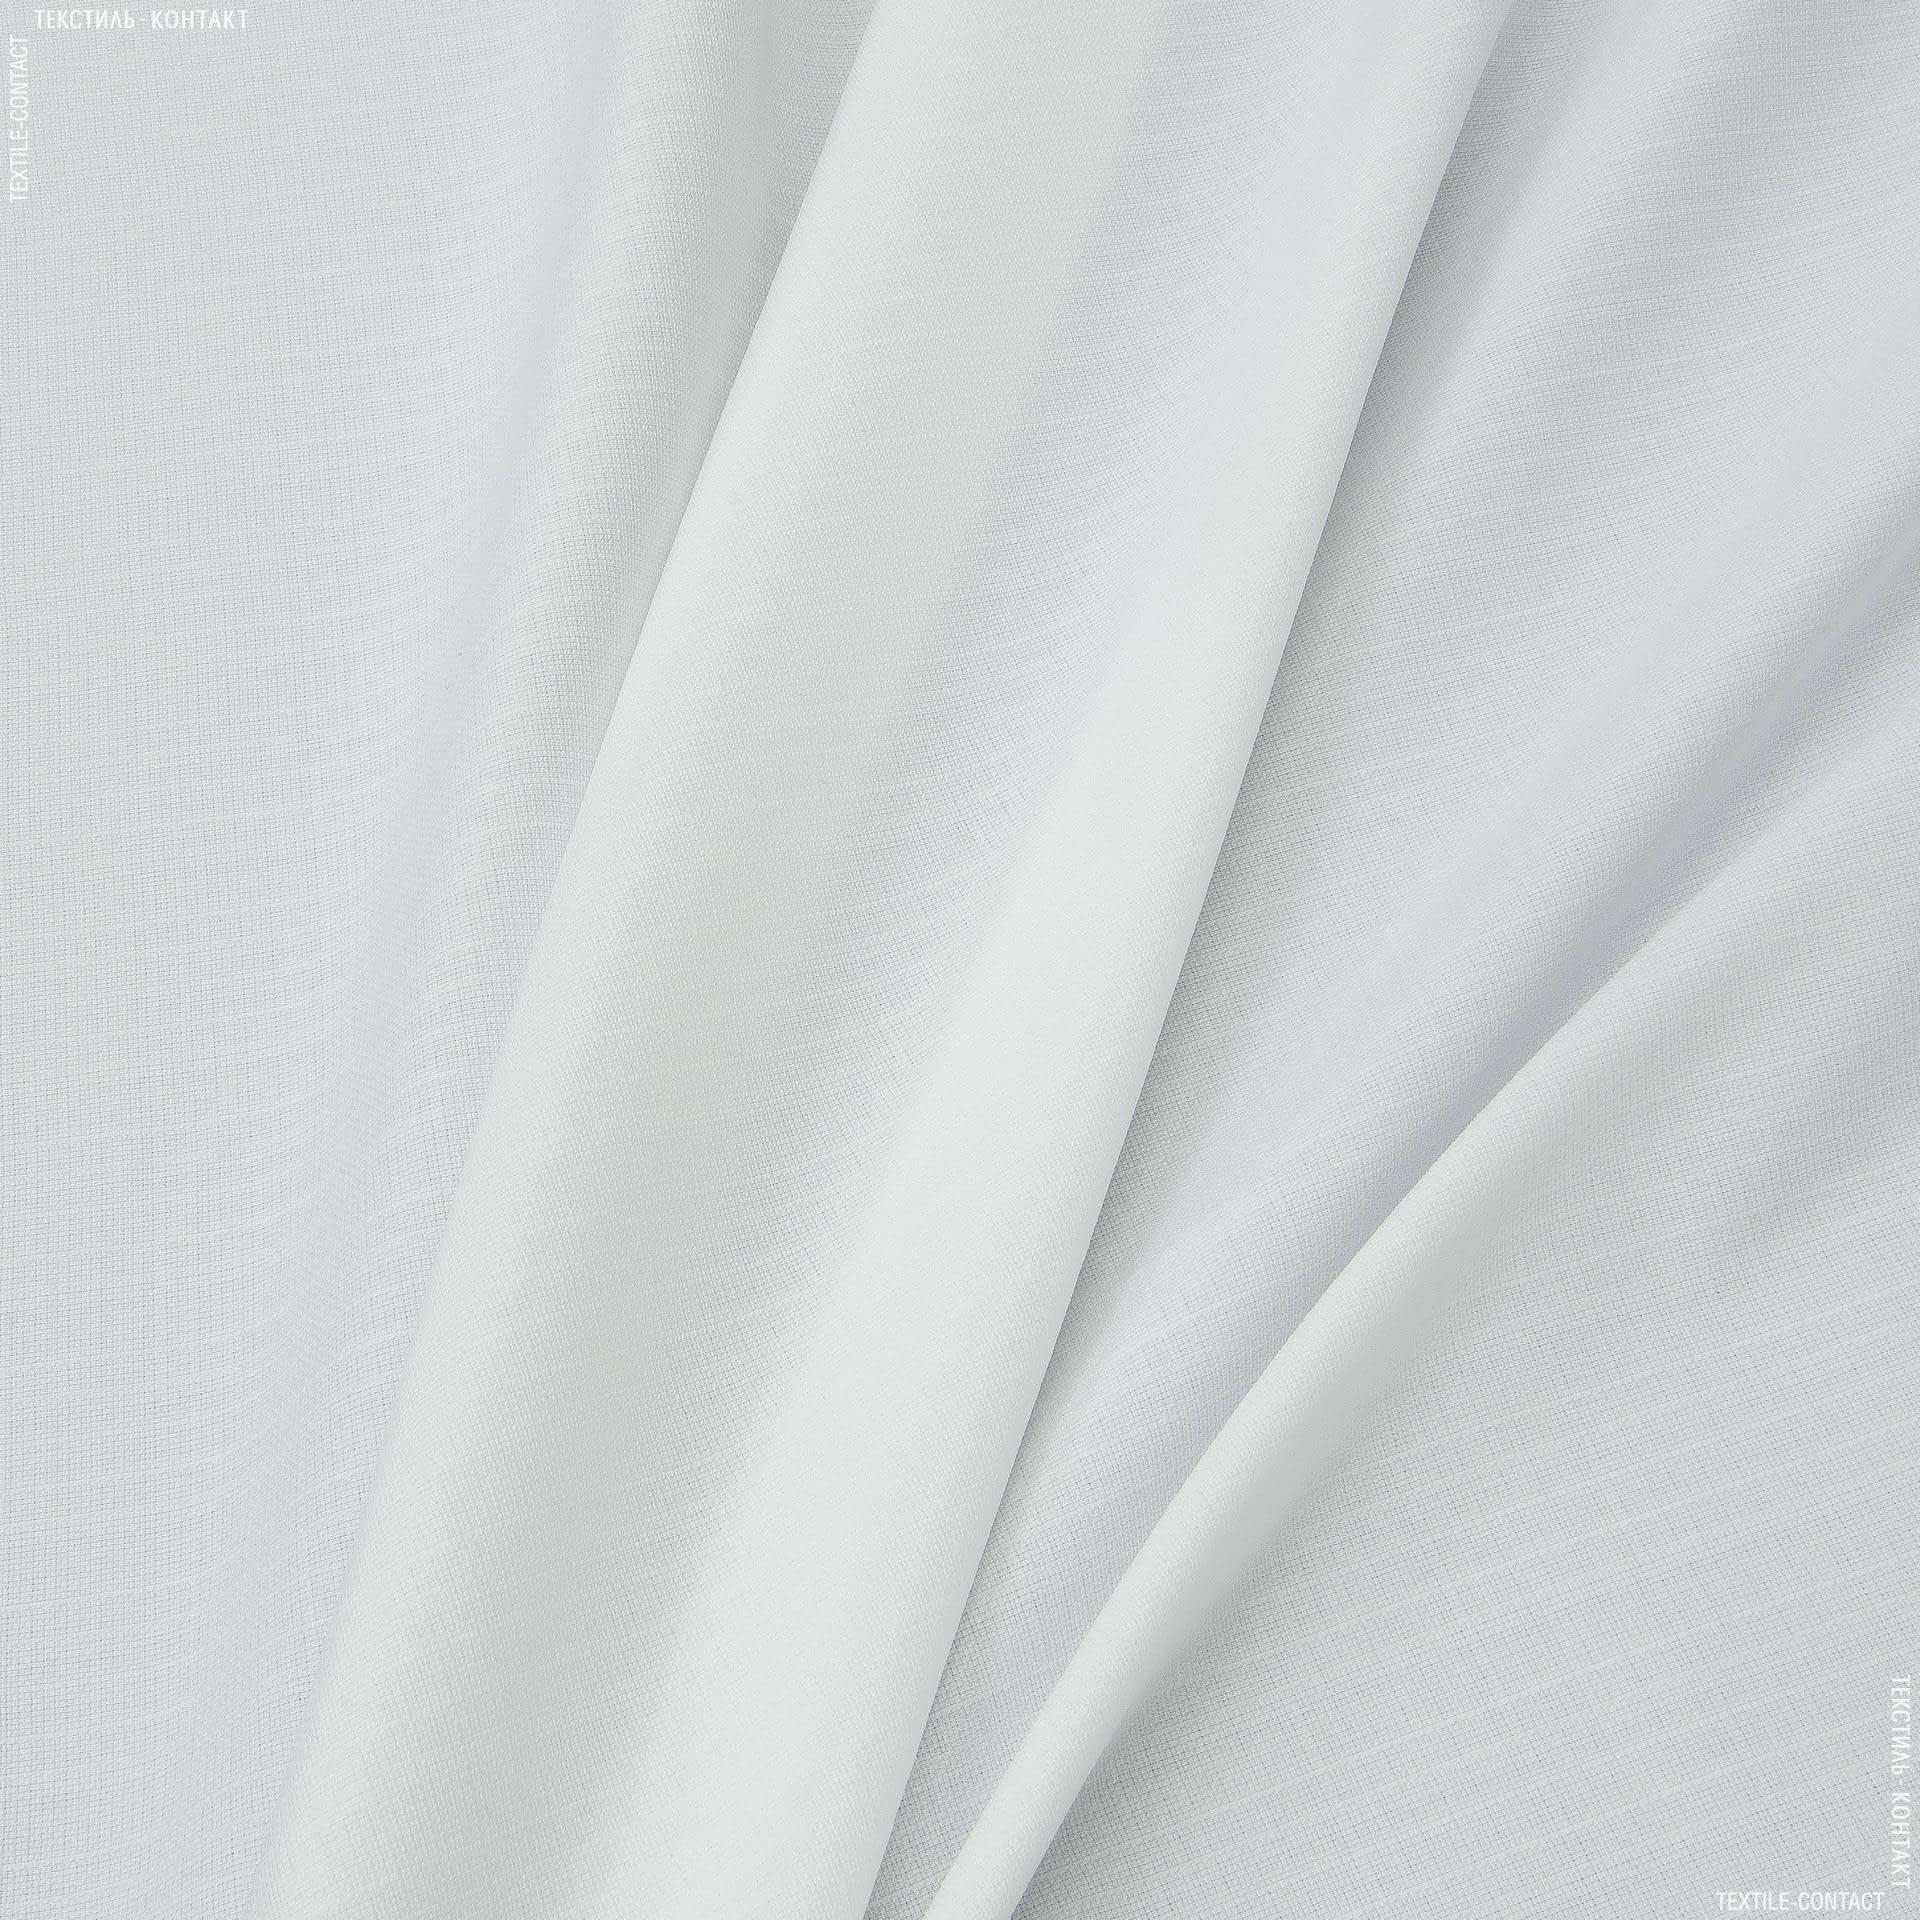 Ткани портьерные ткани - Рогожка зели бело-молочный